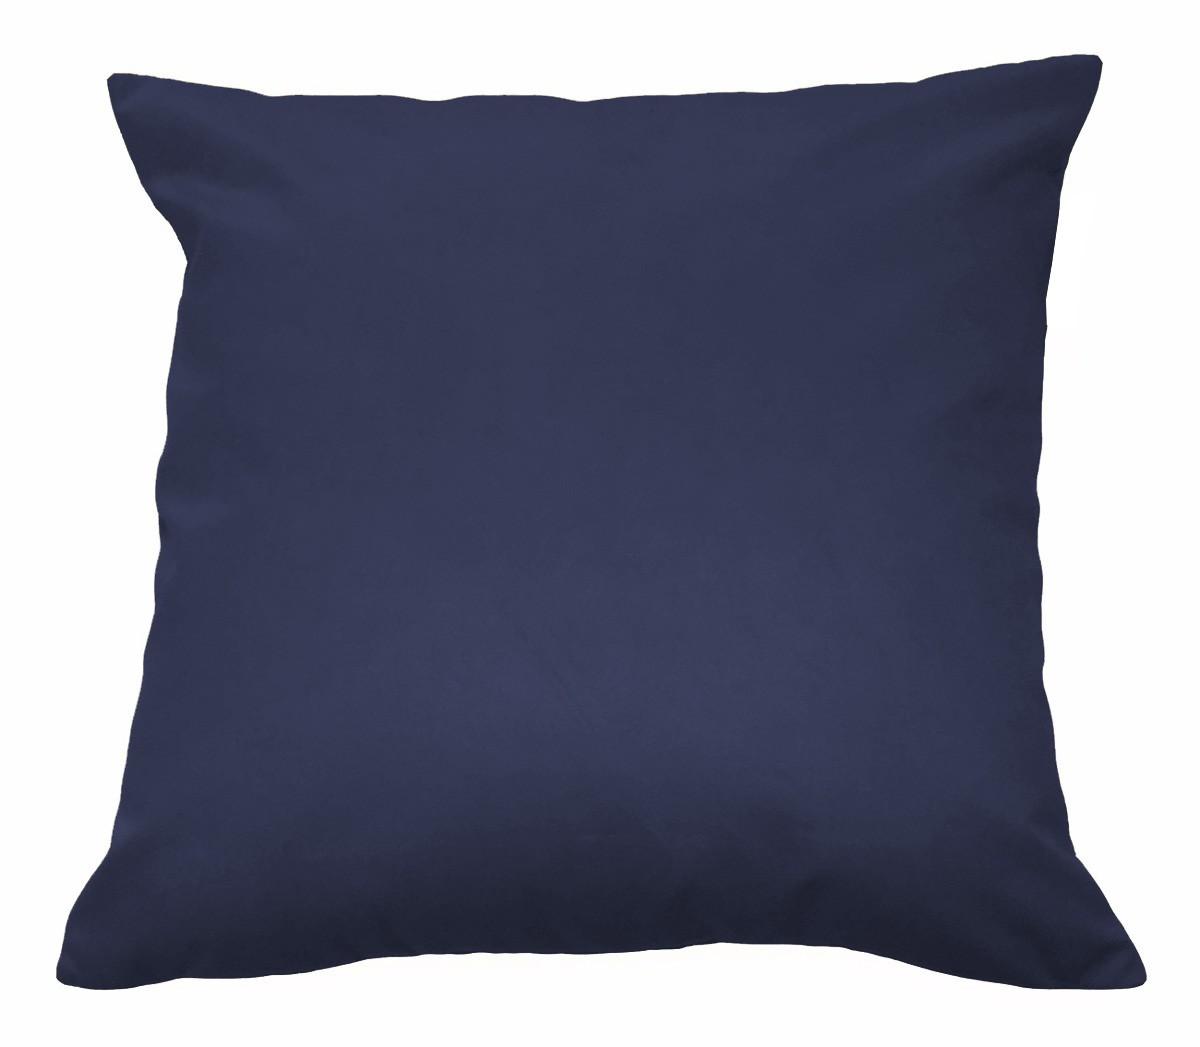 Almofada Decorativa 40x40 Tecido Suede Azul Marinho